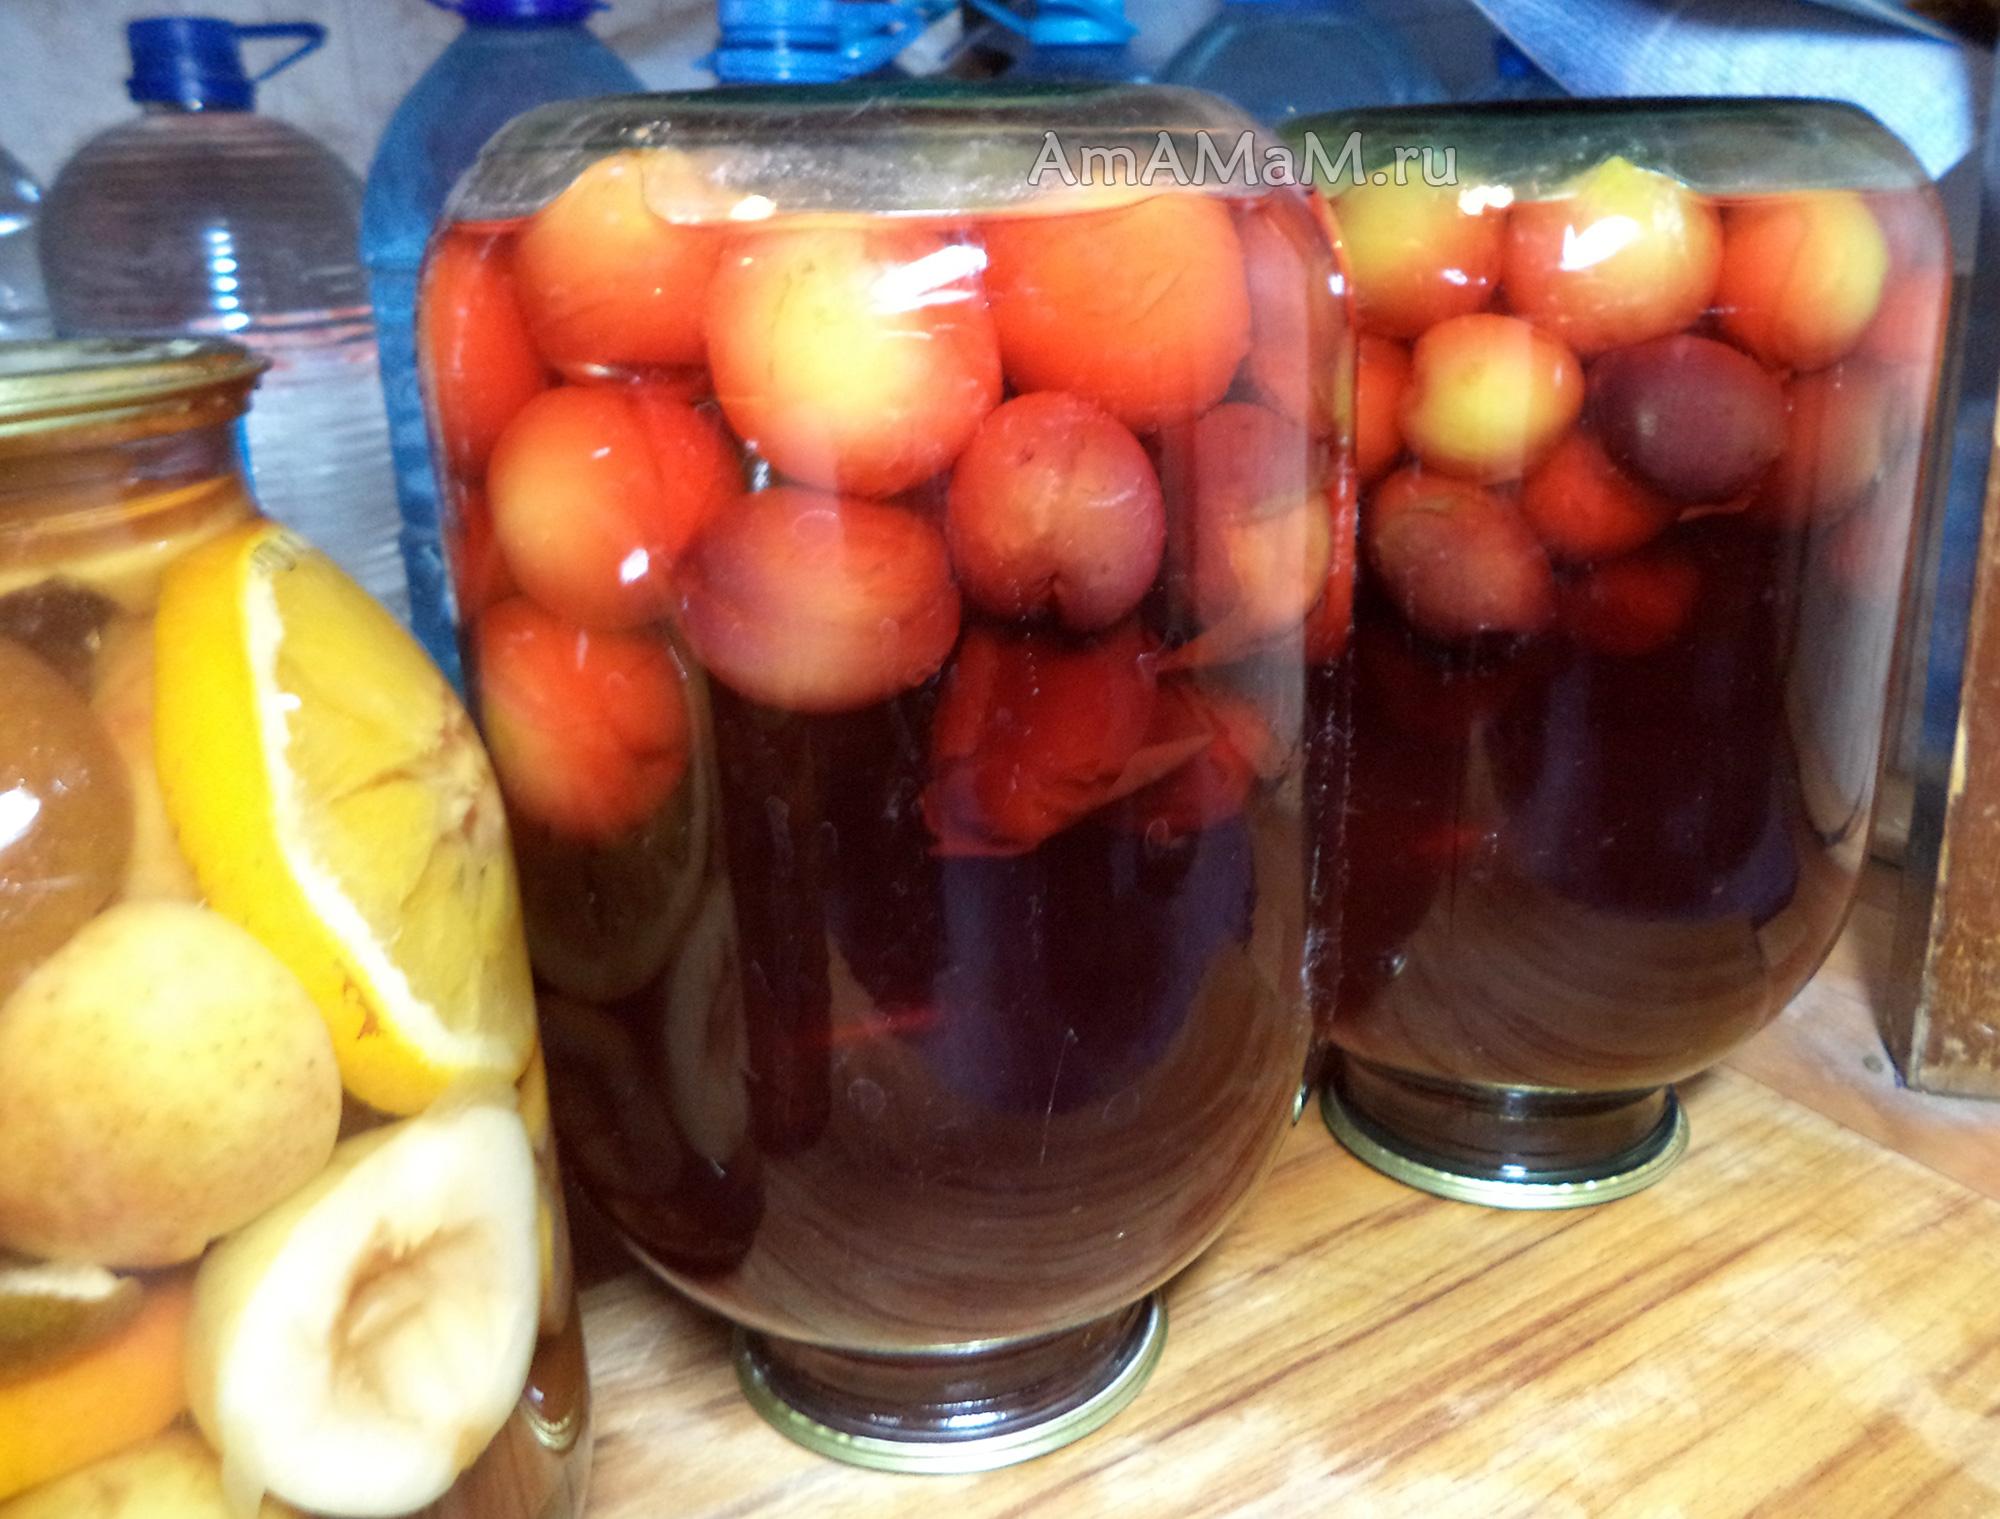 Фото рецепт пошаговый компот из